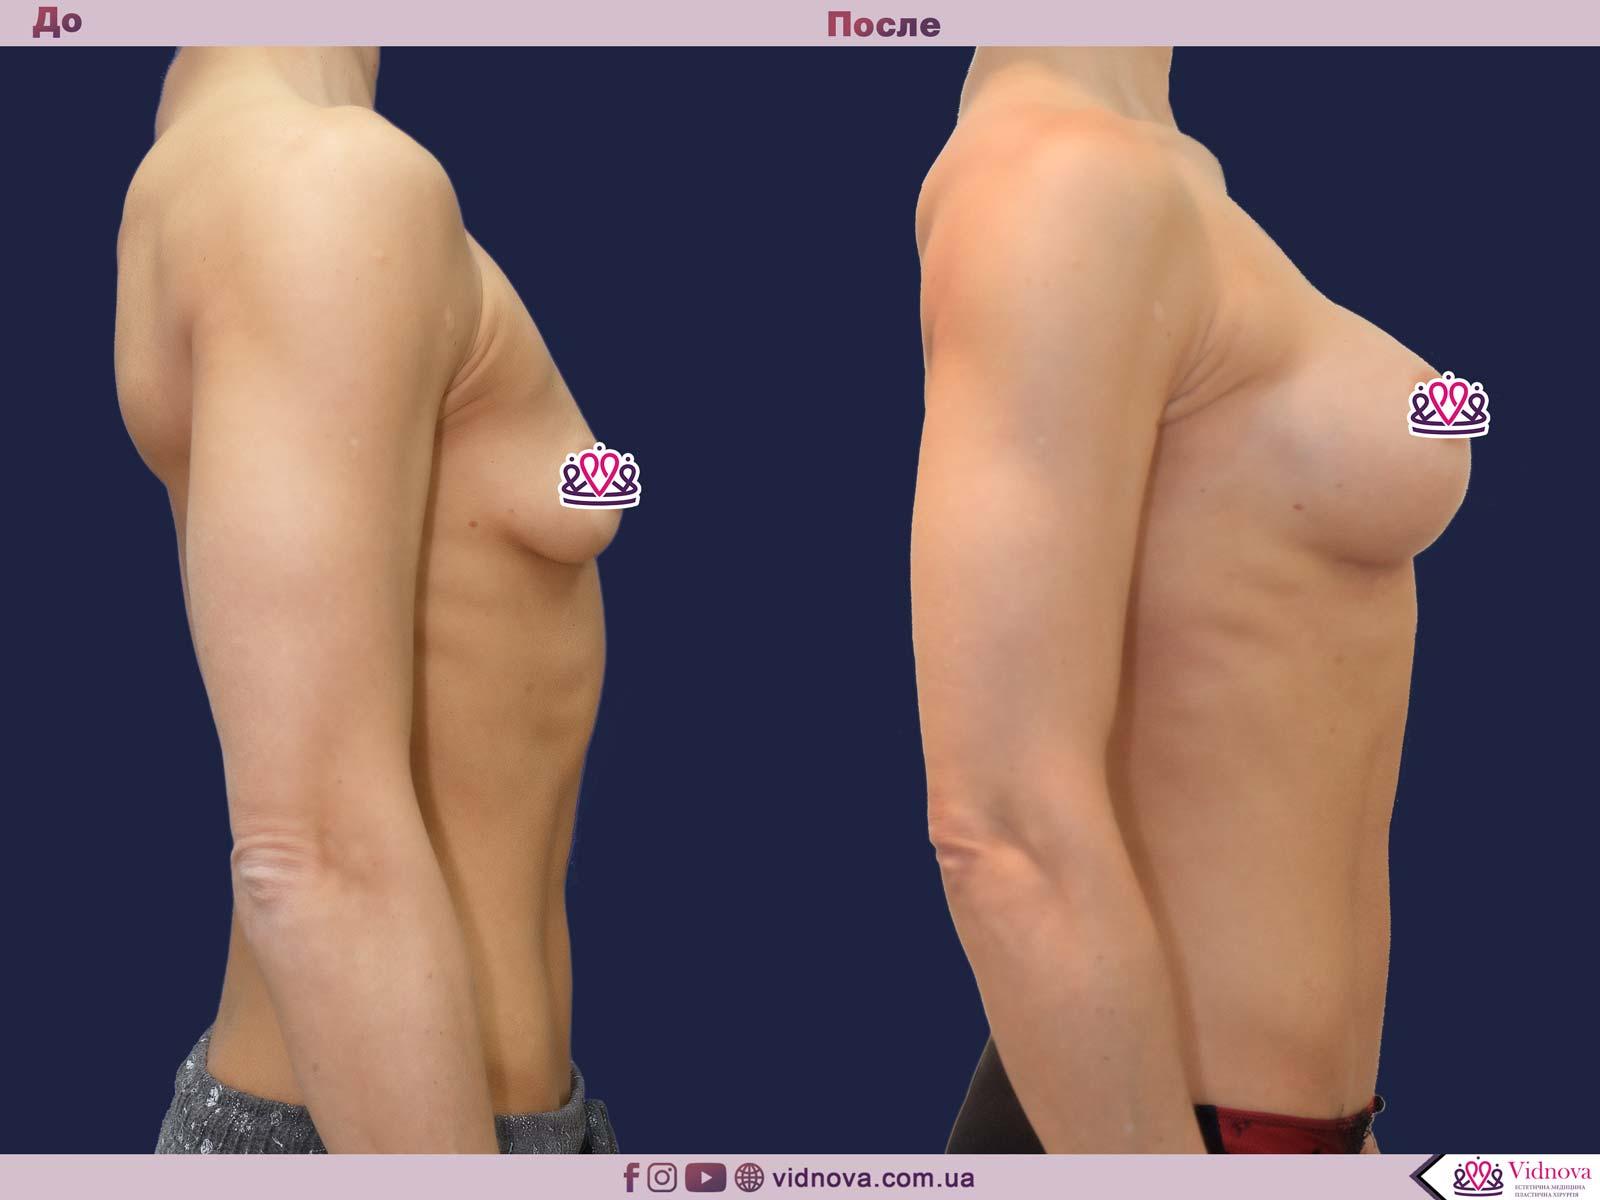 Пластика груди: результаты до и после - Пример №33-2 - Светлана Работенко